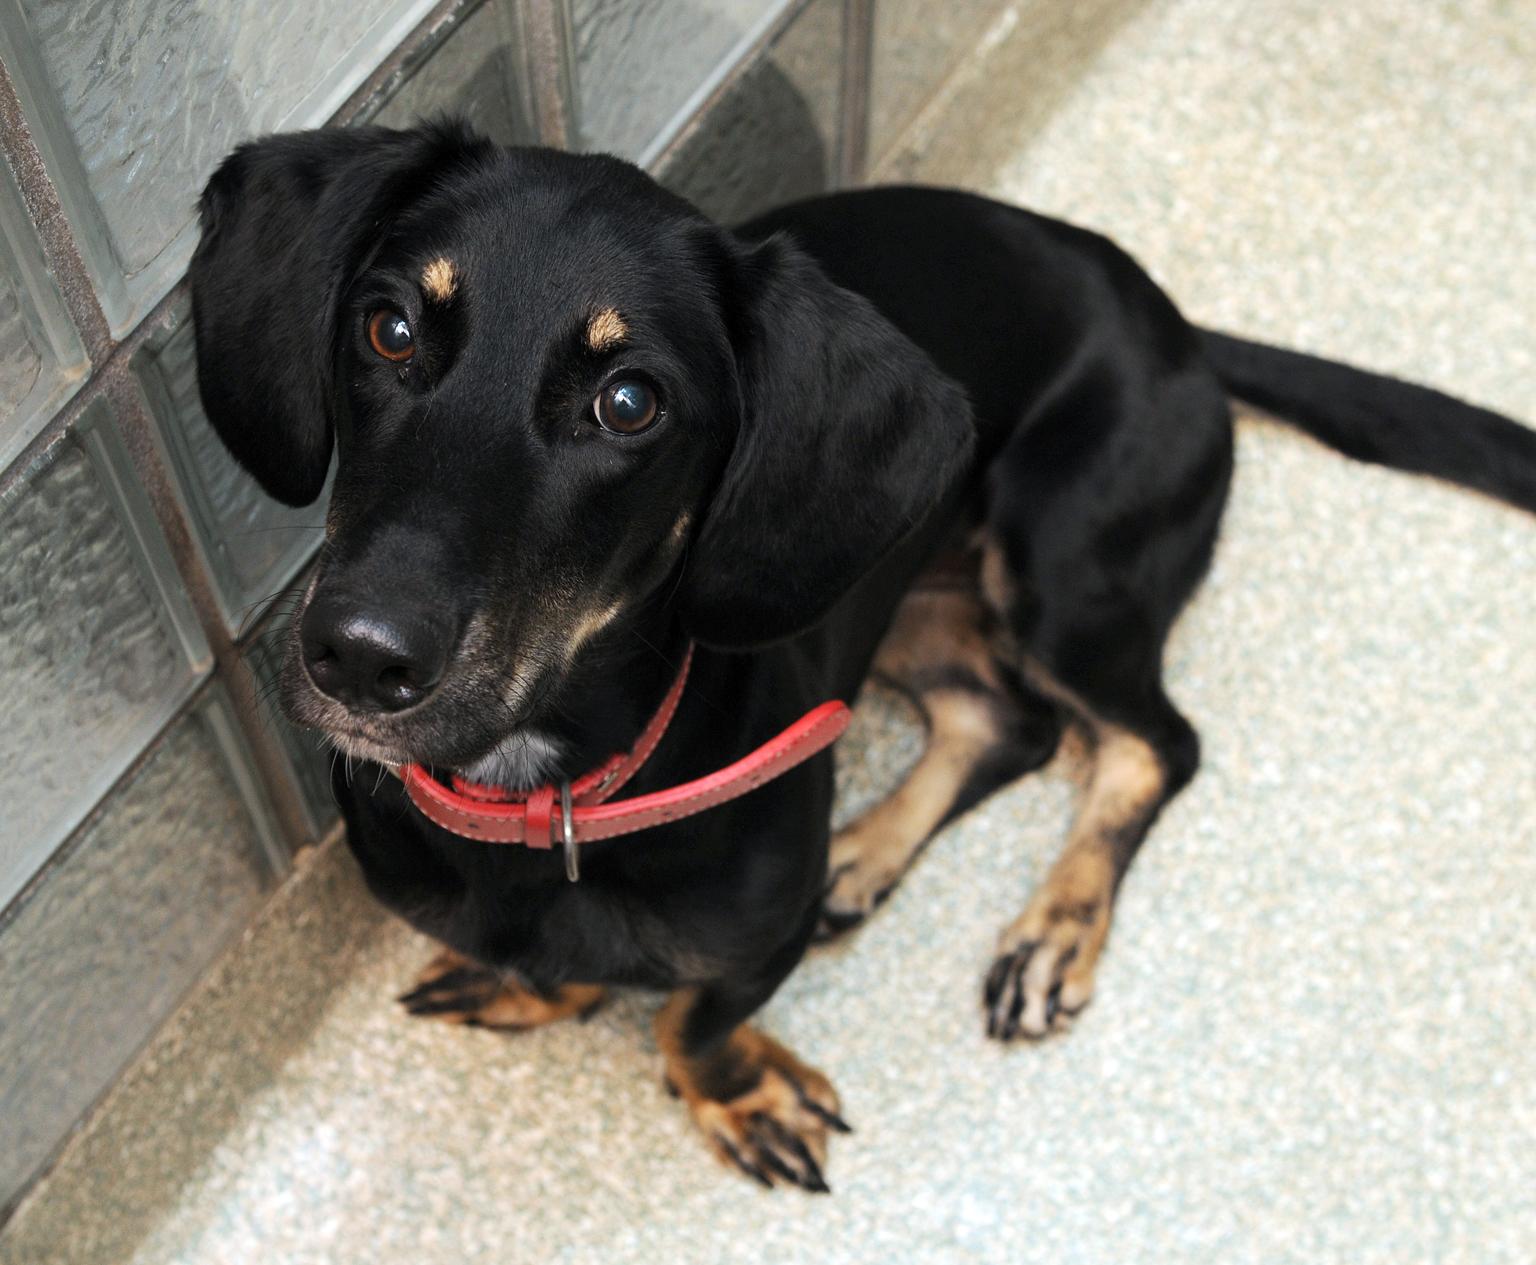 Pet of the Week: Marina, a basset hound mix